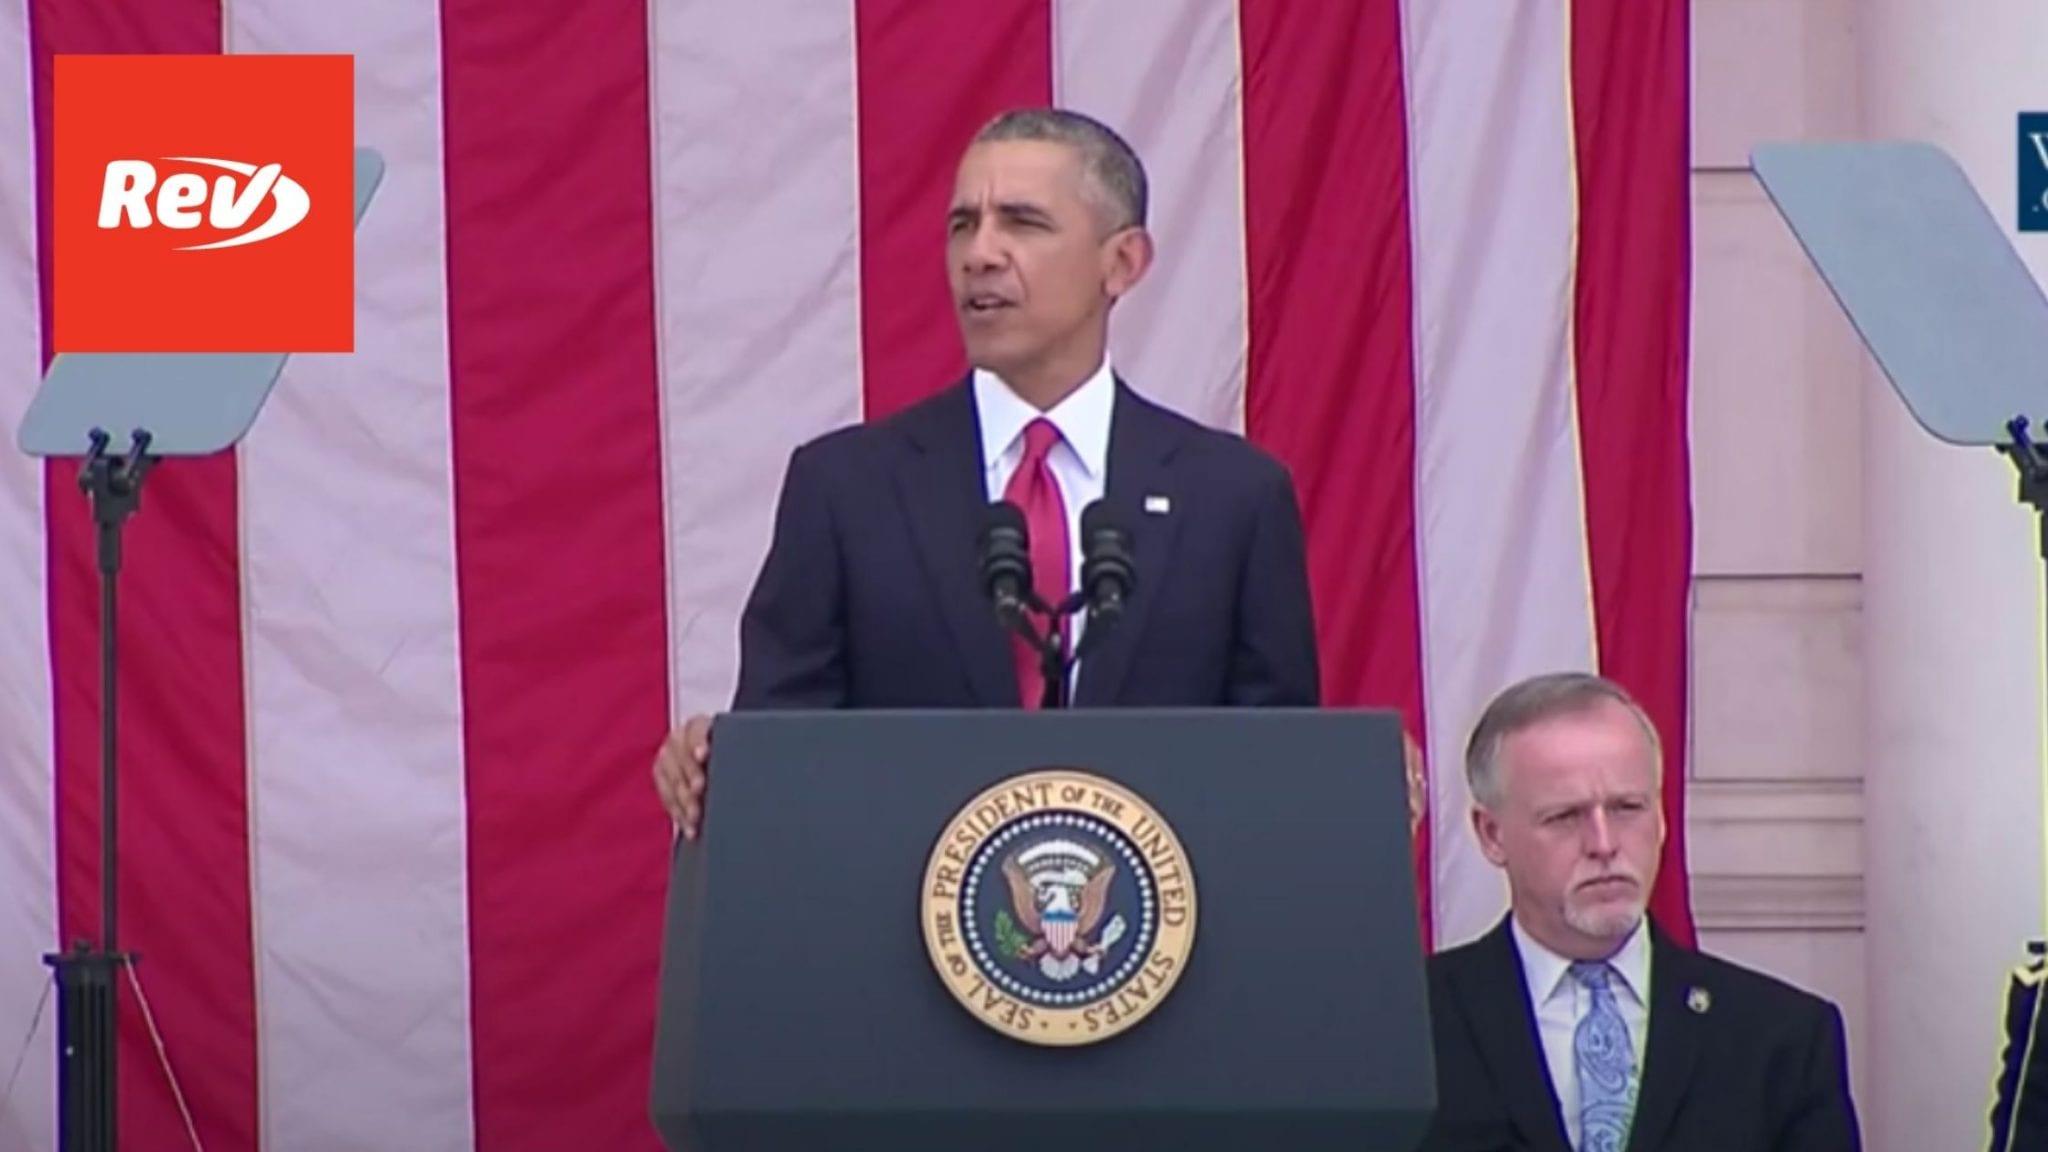 President Barack Obama Memorial Day Speech 2016